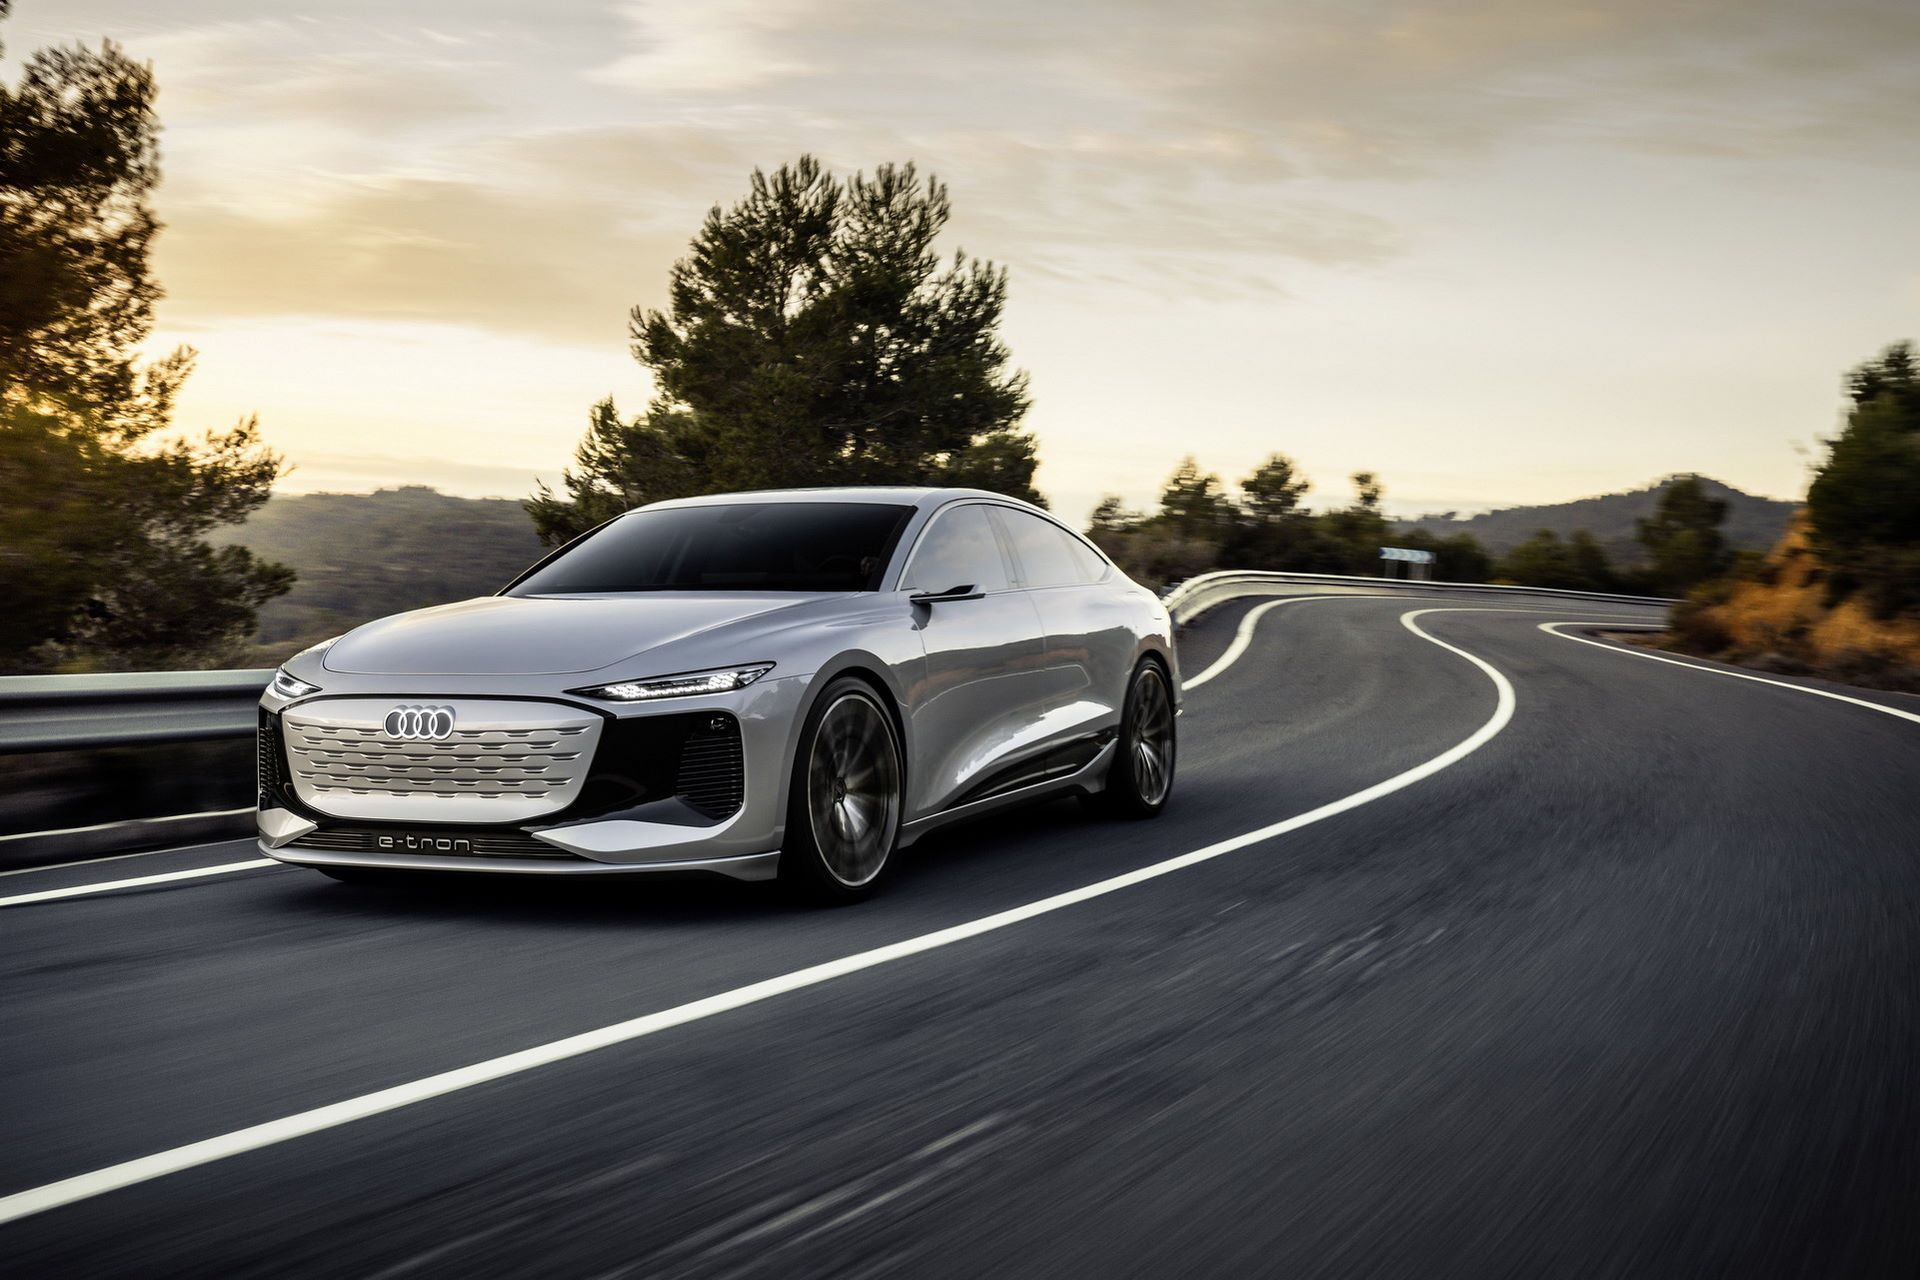 Audi-A6-e-tron-concept-1